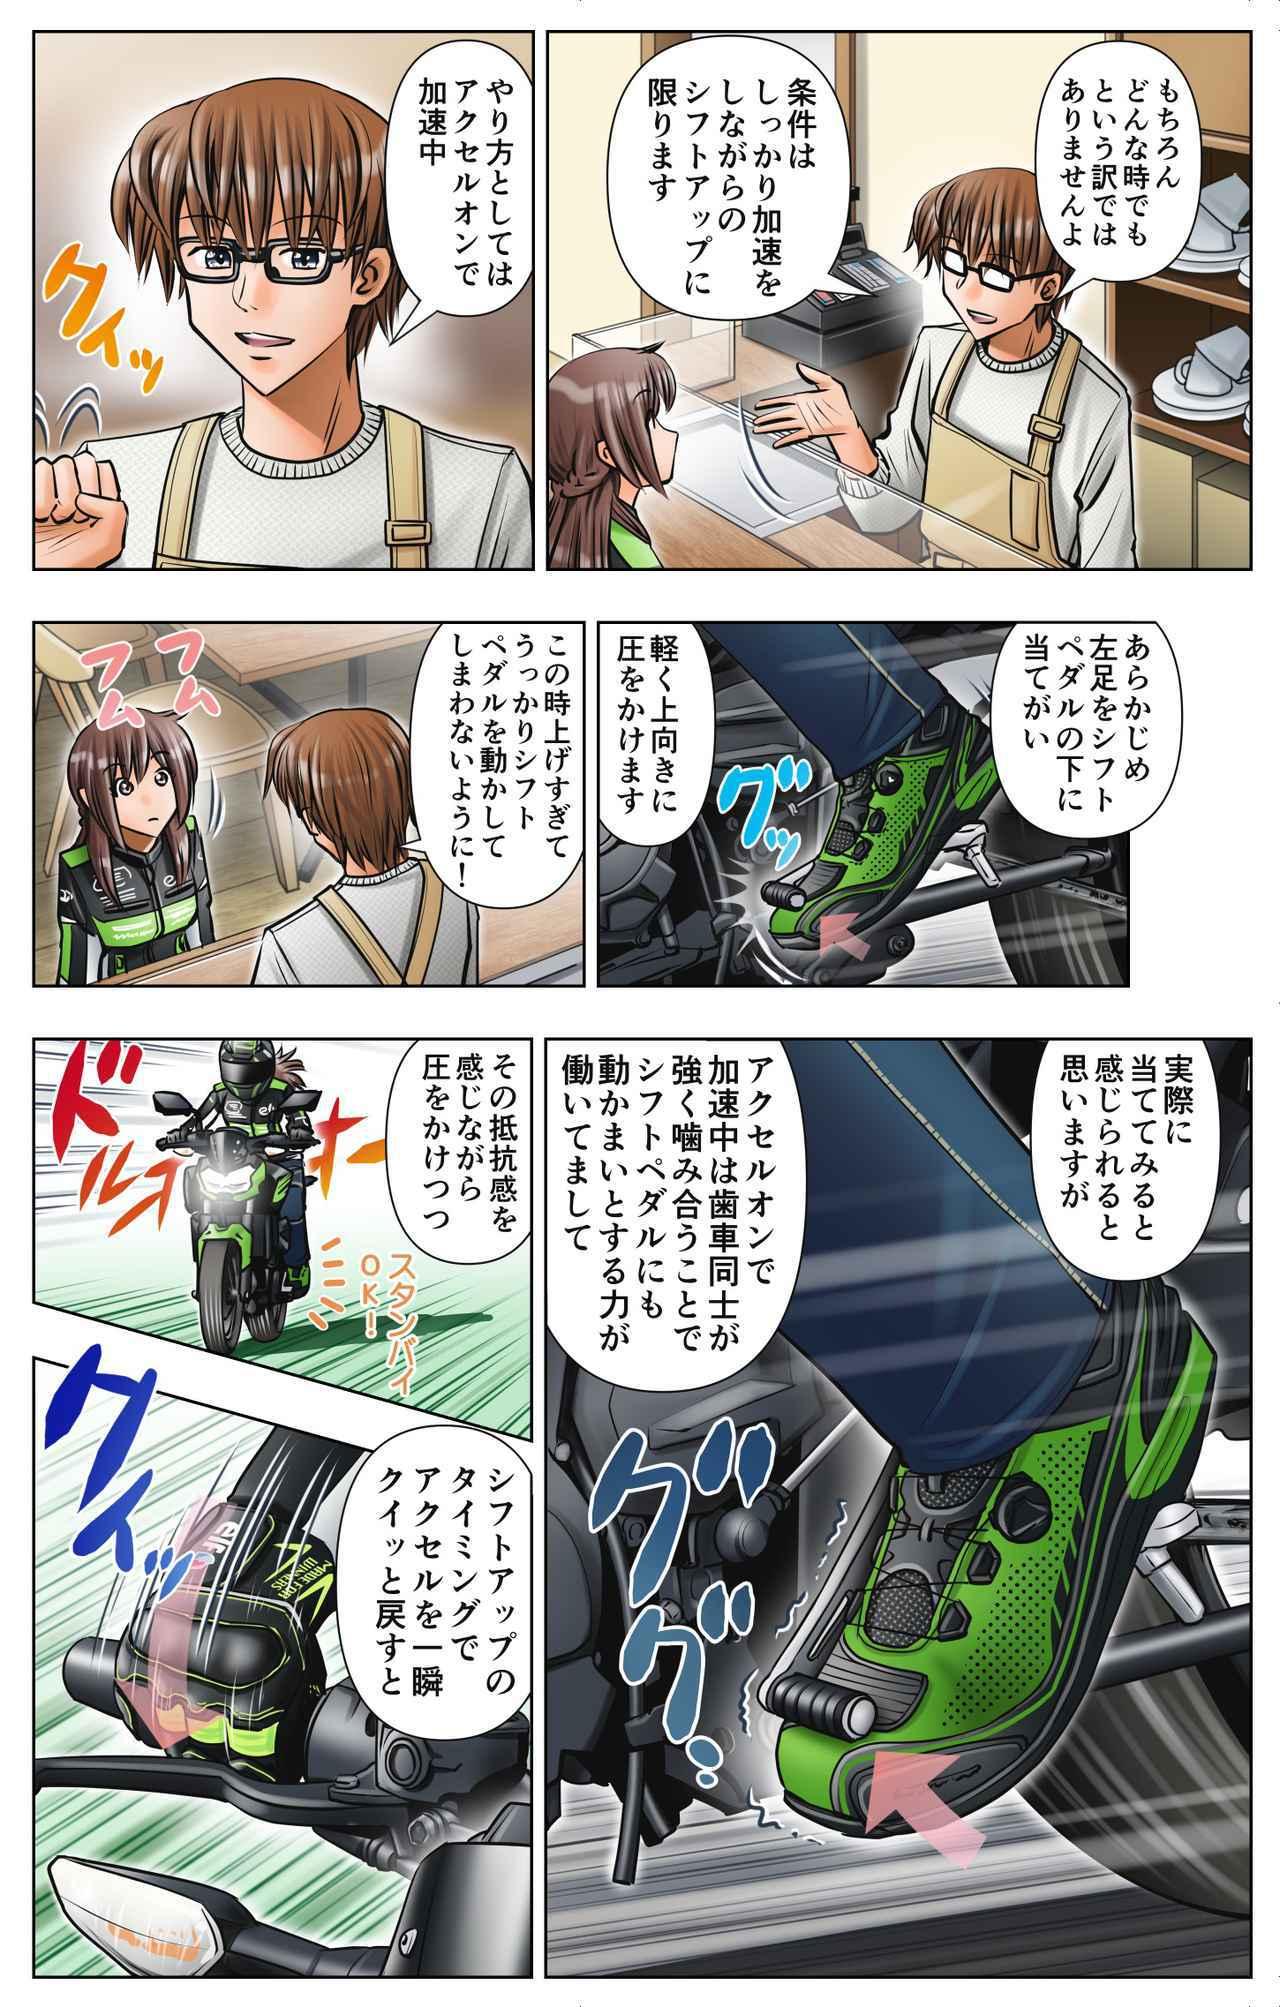 画像6: 第24話 マスターしたいシフト操作/ゆる~くライテク談義『モトシーカーズ・カフェへようこそ!』